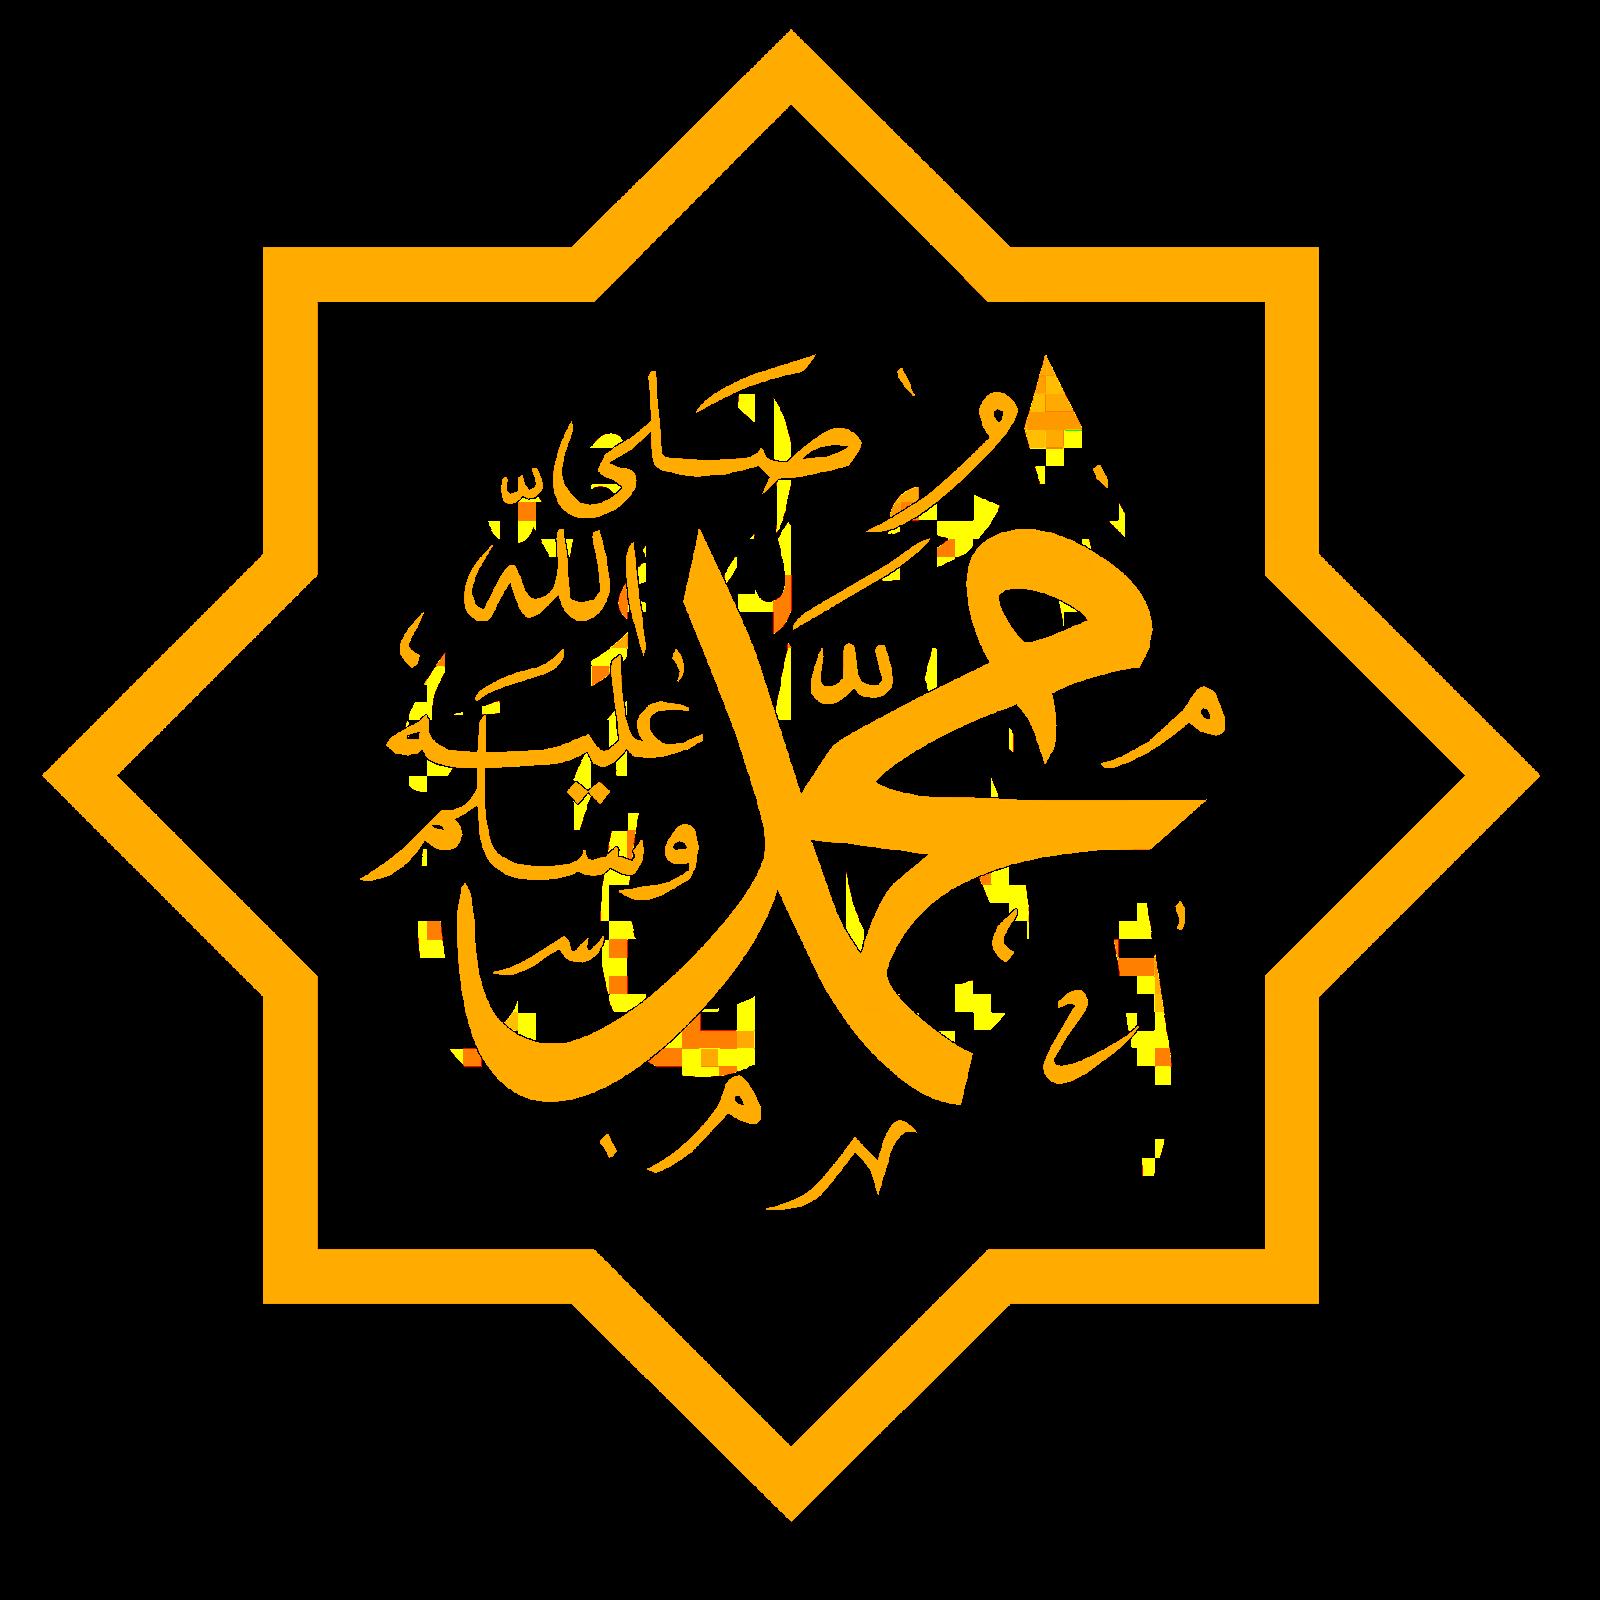 صور إسلامية شفافة محمد صلى الله عليه وسلم مزخرفة الصور